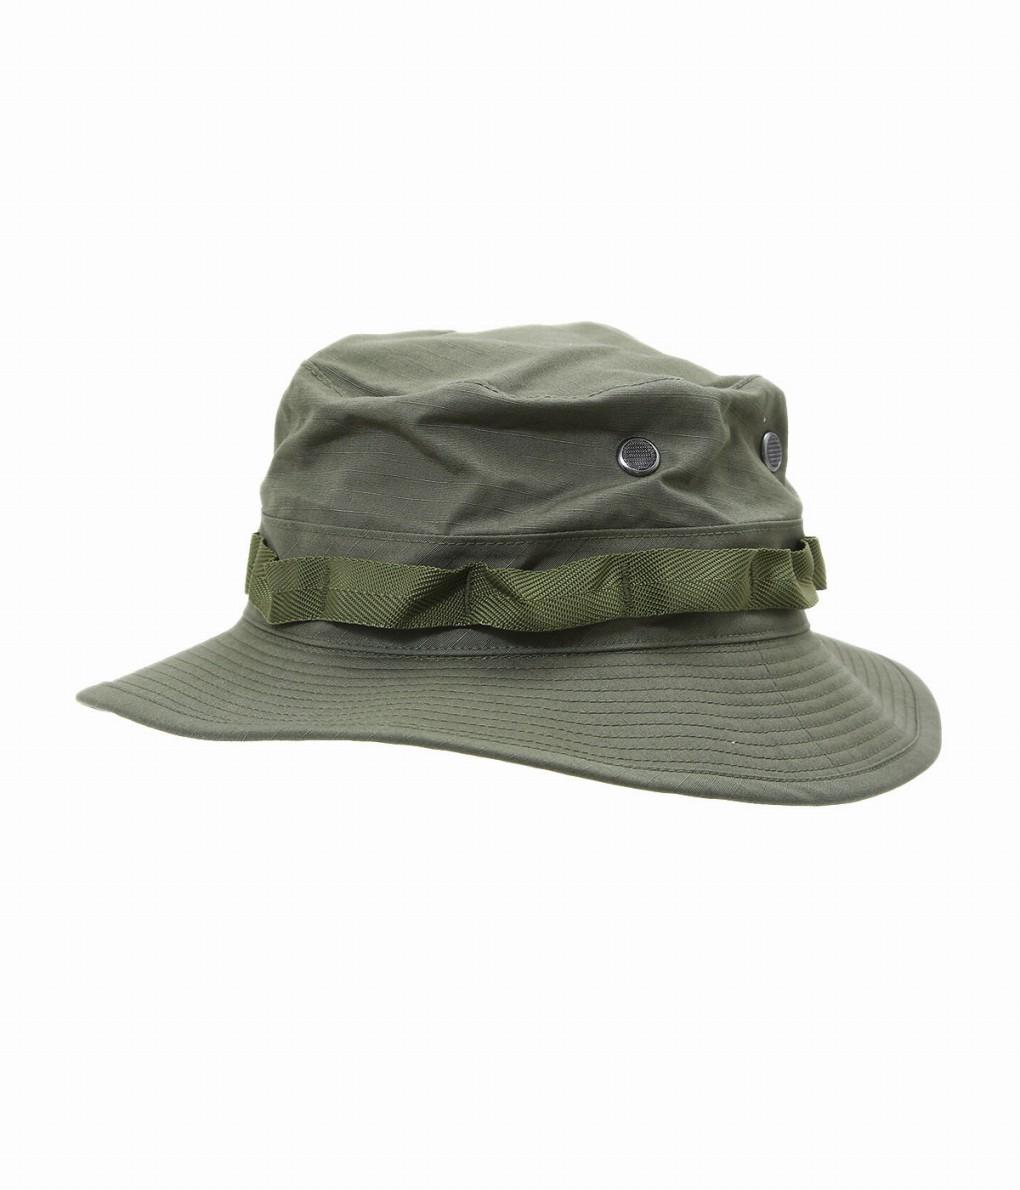 【サマーキャンペーン!】orSlow / オアスロウ : US ARMY JUNGLE HAT : ユーエスアーミージャングルハット 帽子 メンズ レディース ユニセックス : 03-023-76 【STD】